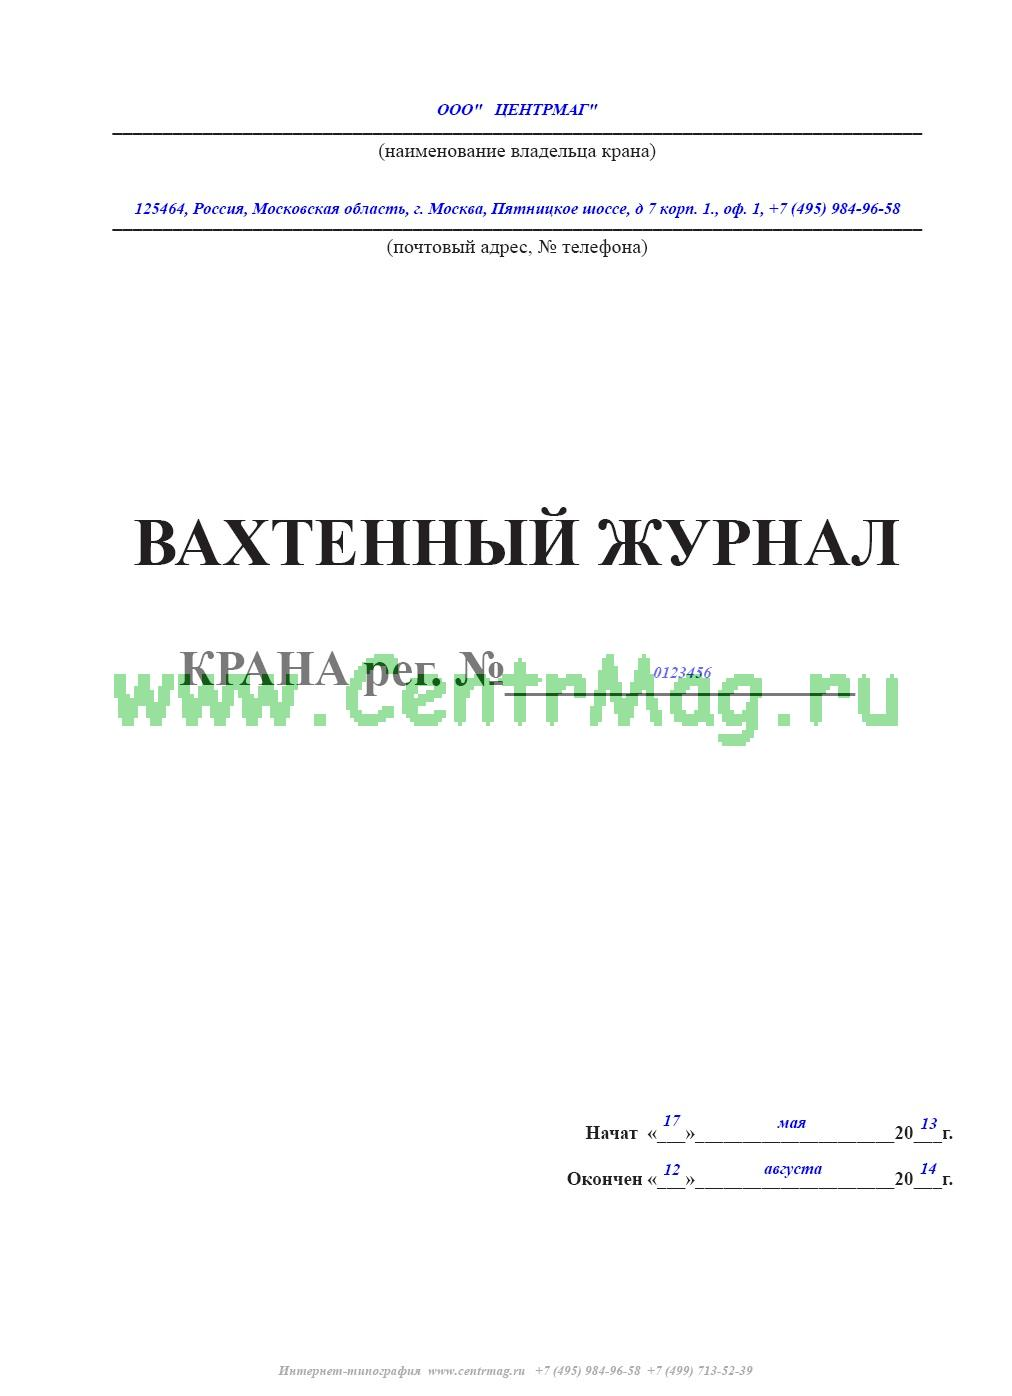 образец заполнения вахтенный журнал крановщика